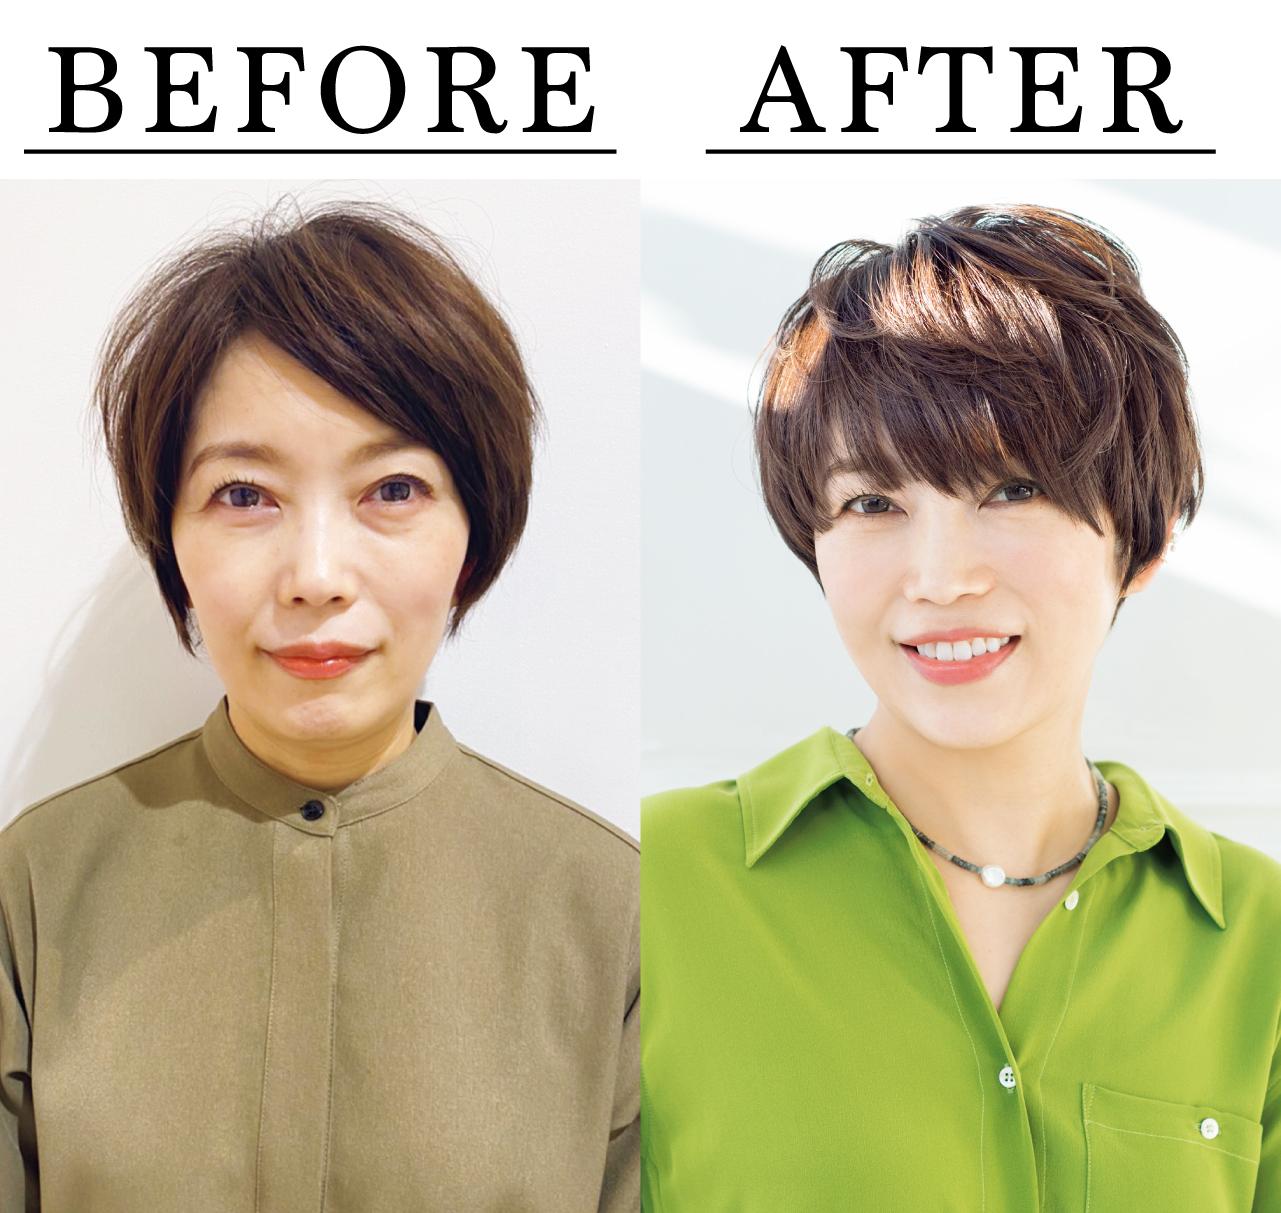 椿原順子さん Before After